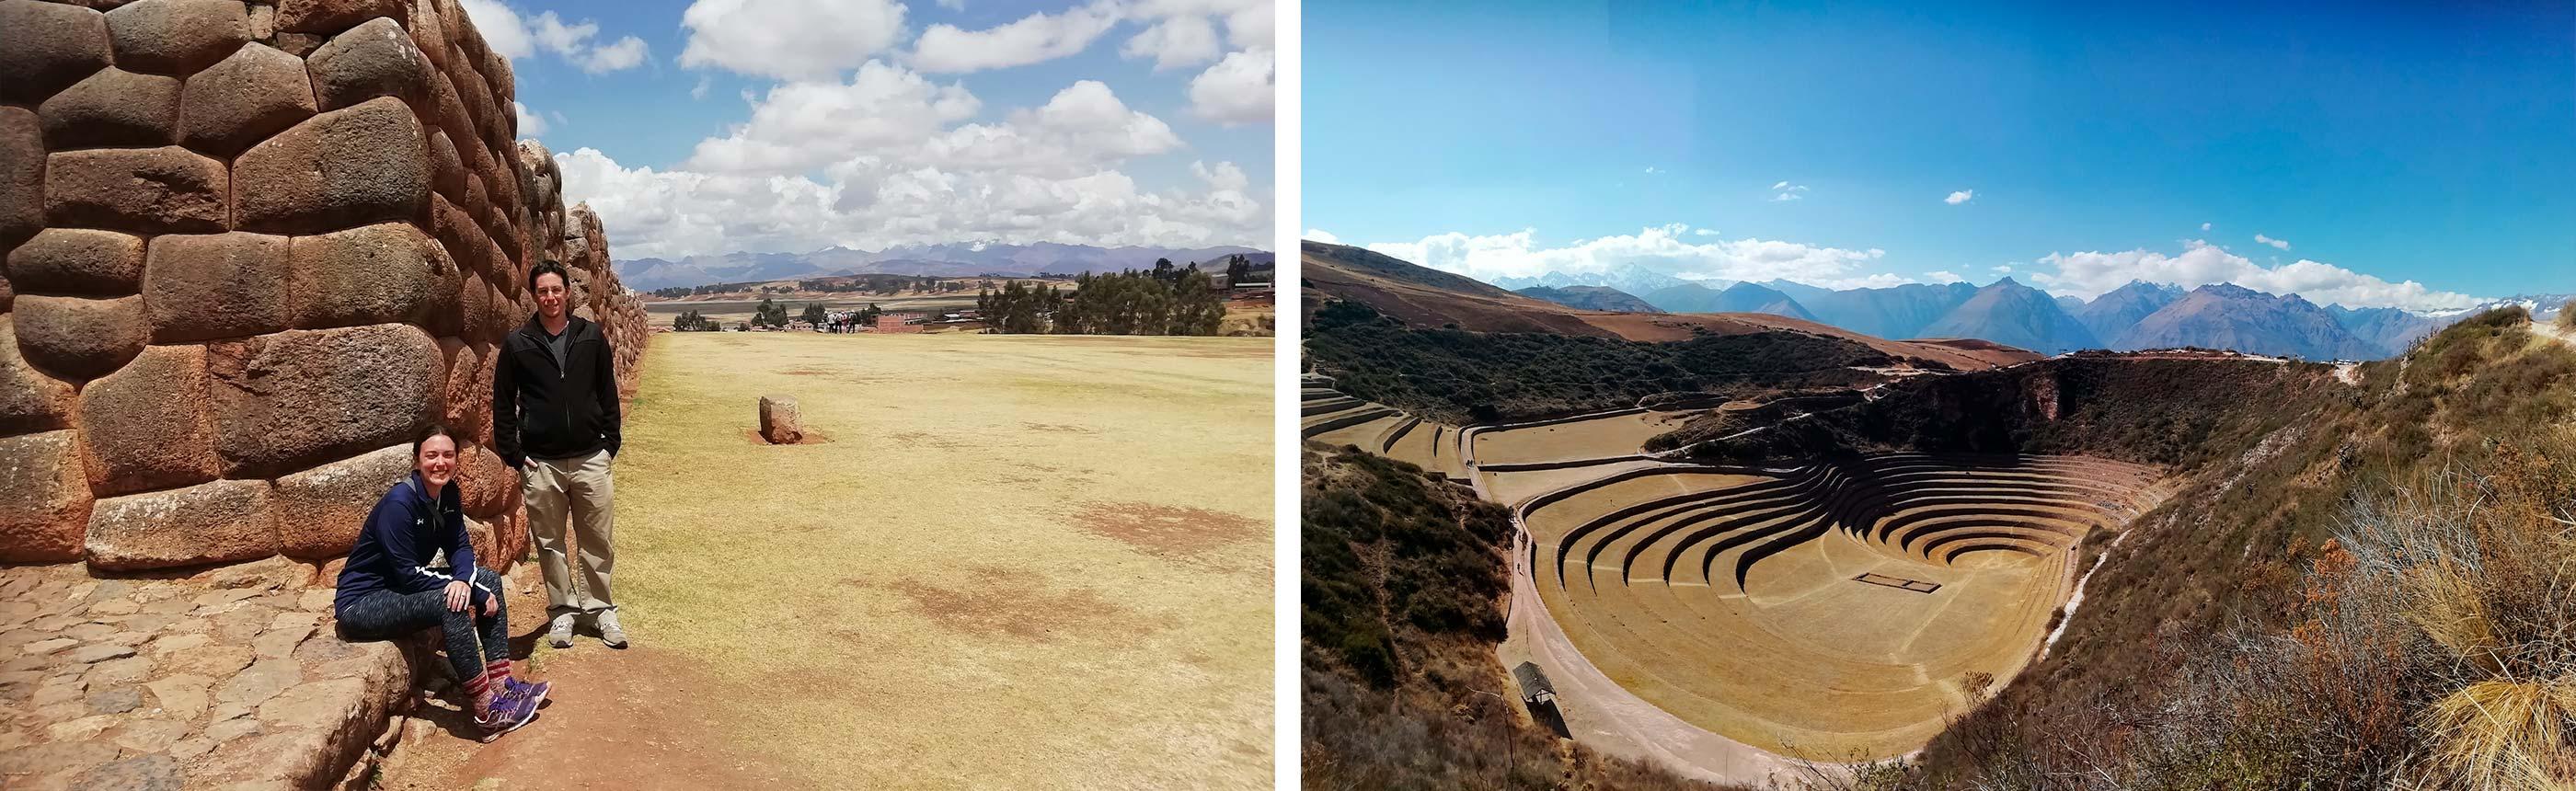 Custom 4-Day Machu Picchu & Cusco Tour